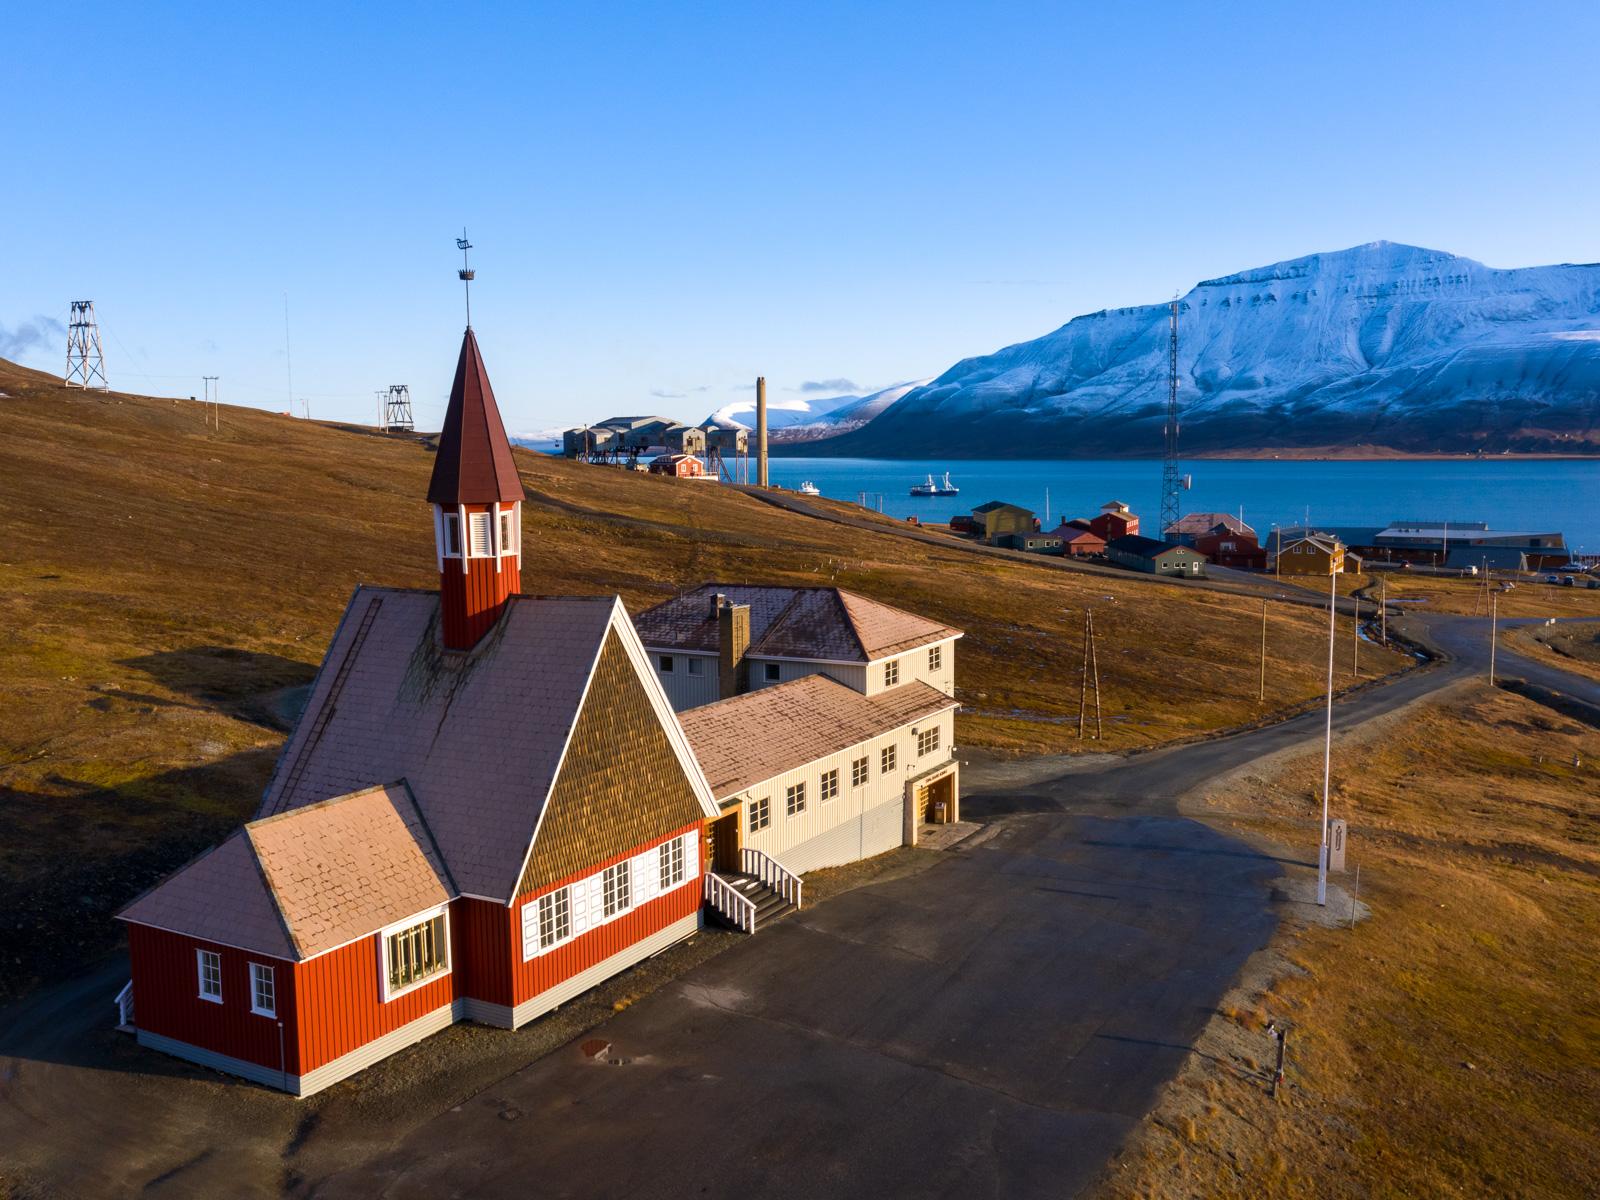 Svalbard_Spitsbergen_Longyearbyen-12